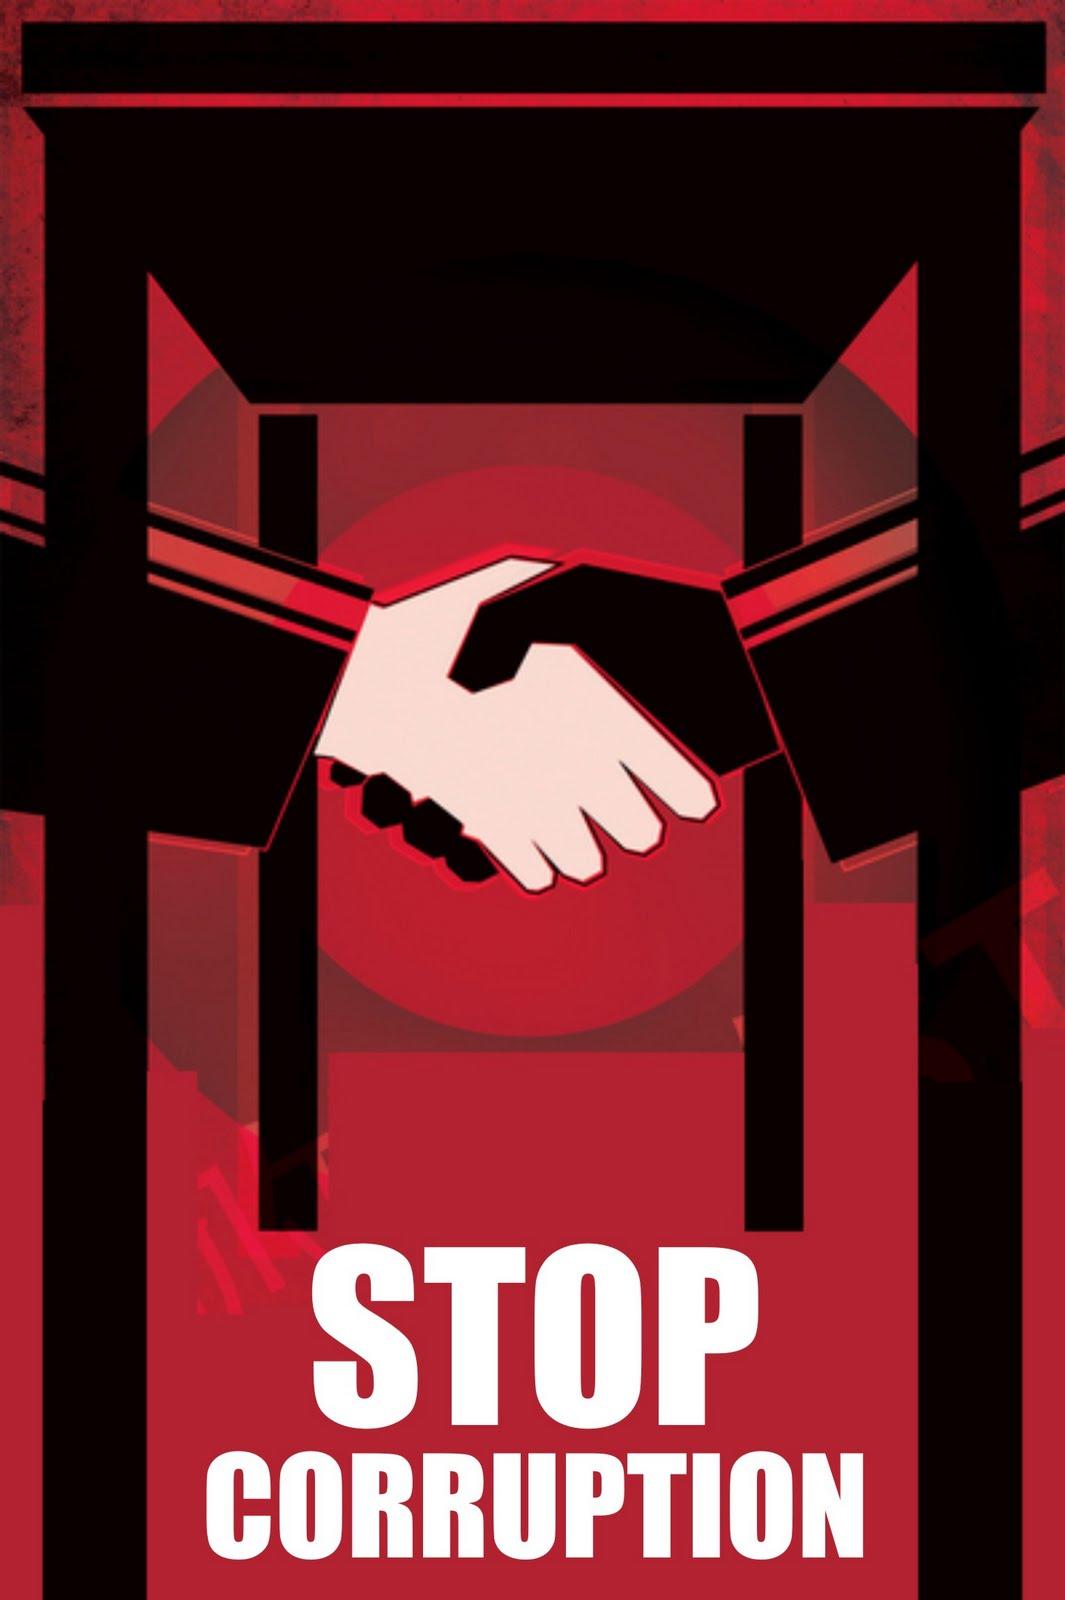 Corruption Poster: Stop Corruption